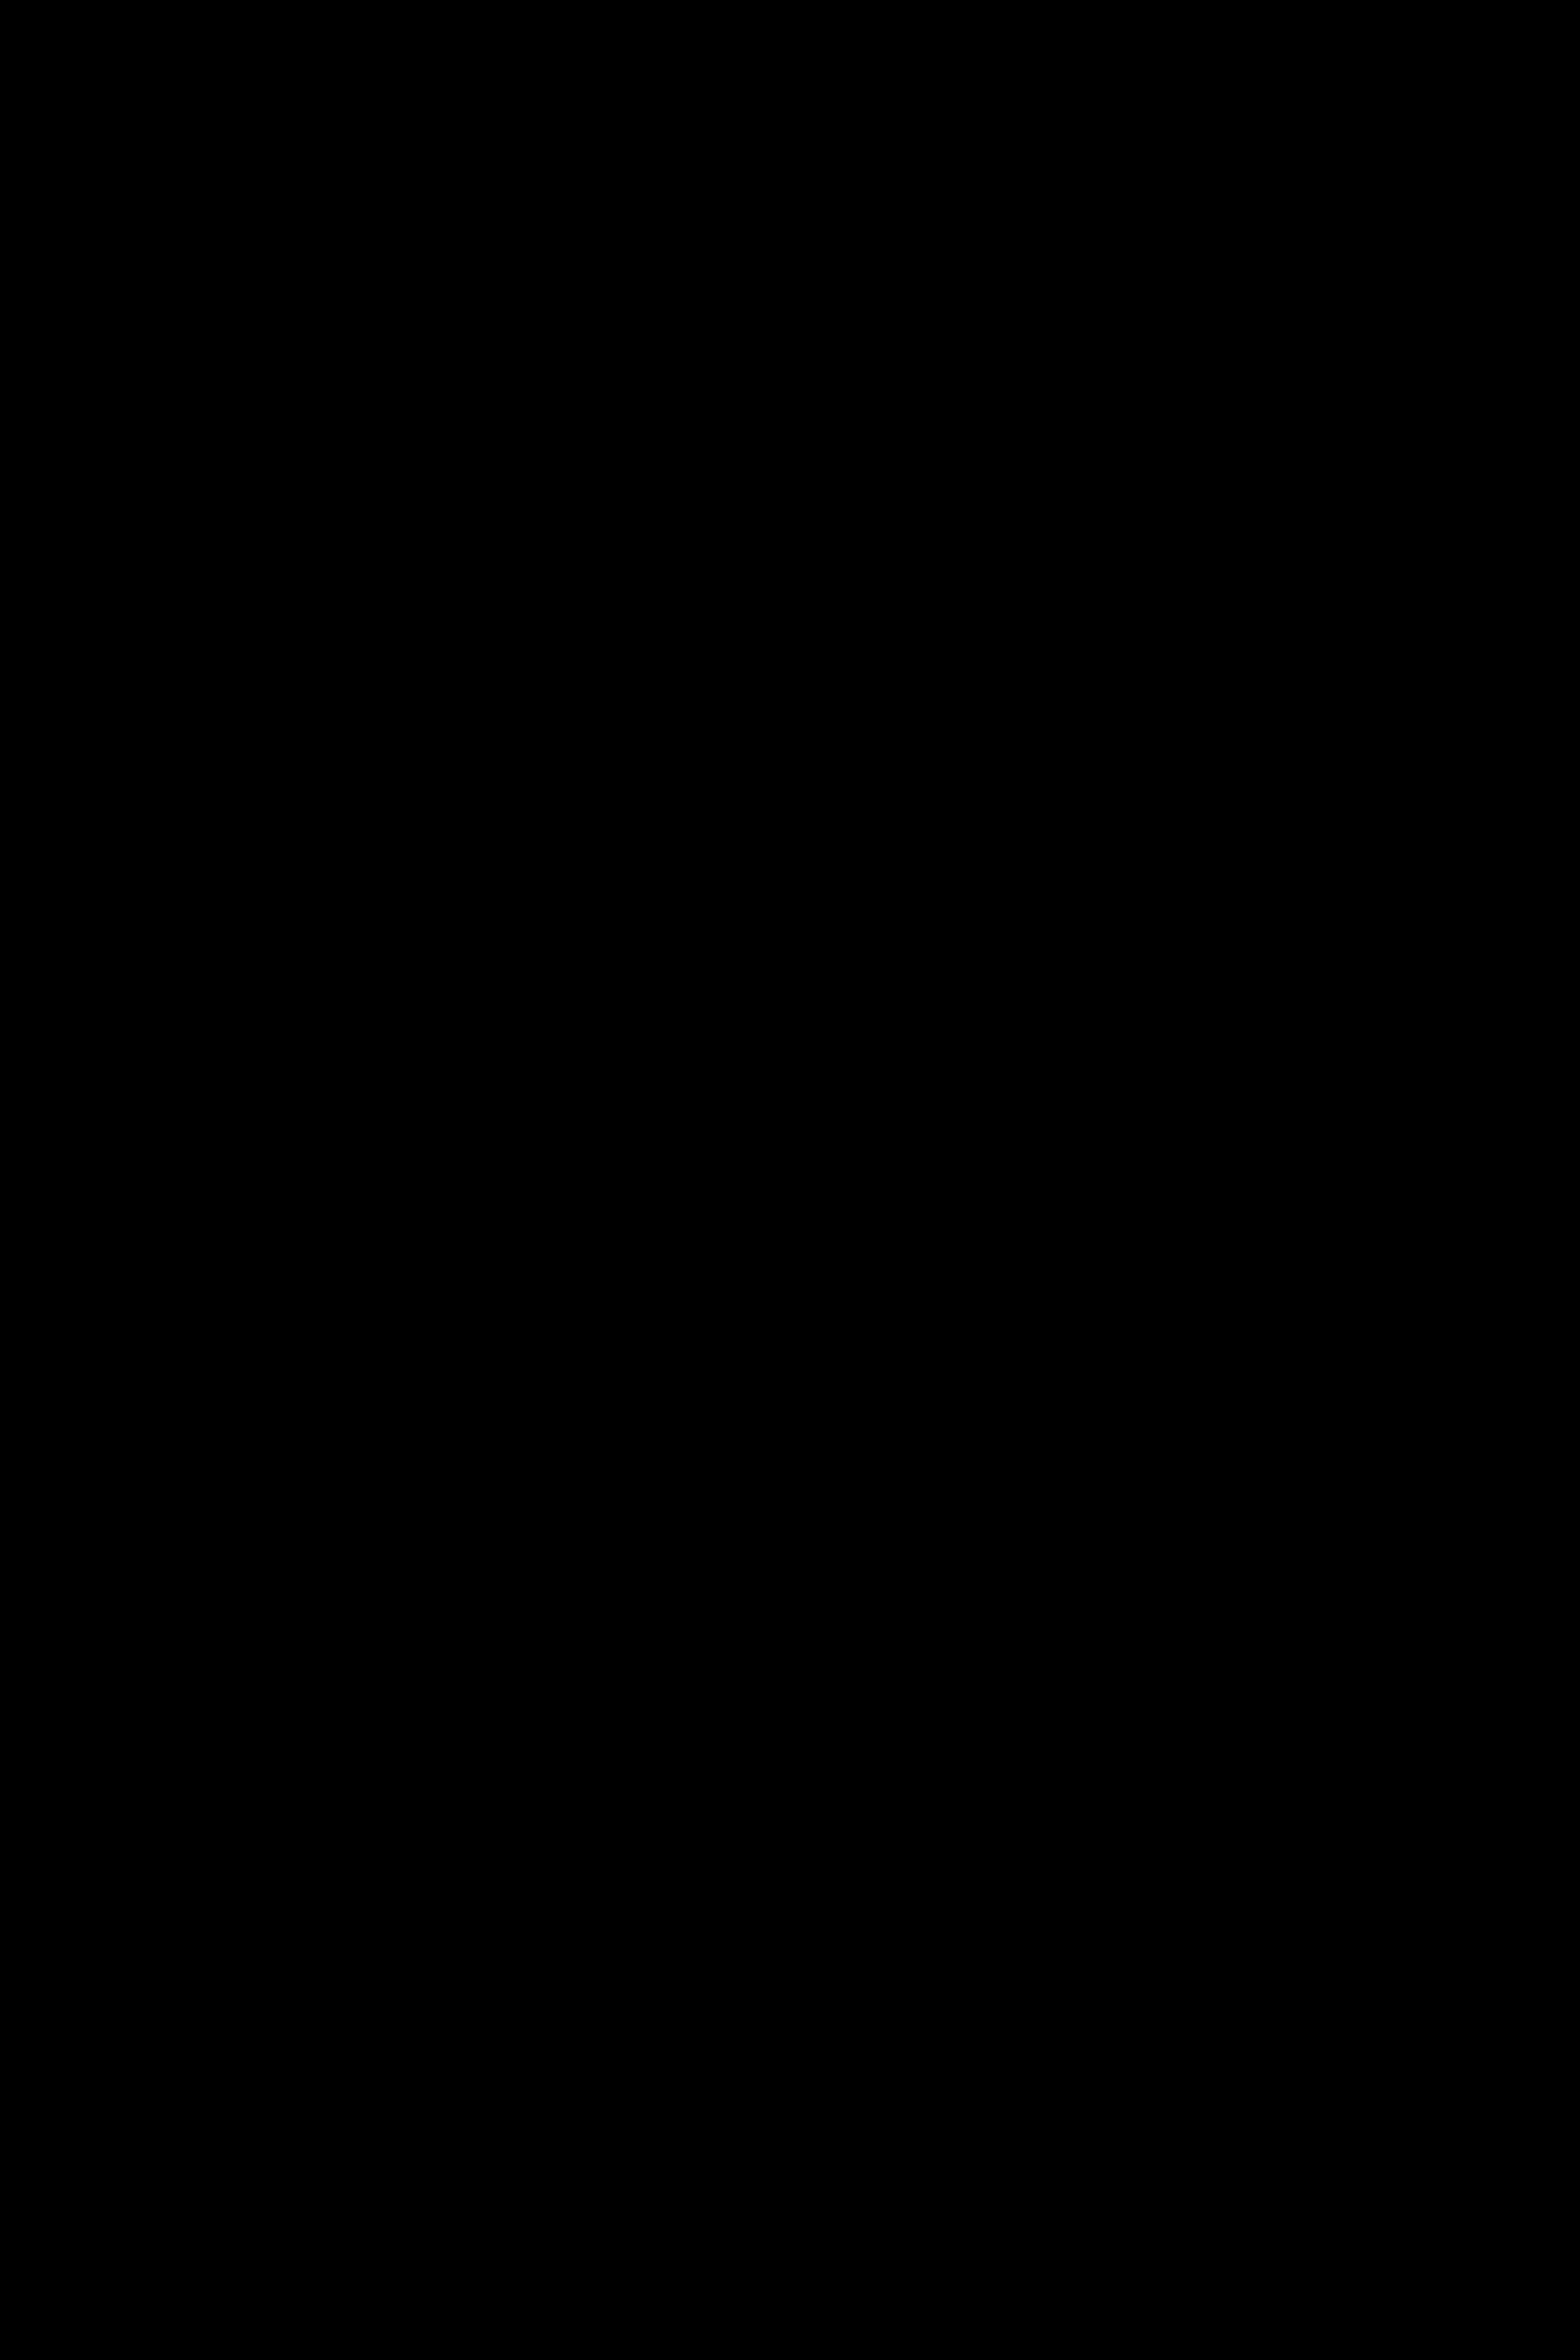 10 Exklusive Design Möbel für einen Bunte Sommer Hausdekor Design Möbel 10 Exklusive Design Möbel für einen Bunte Sommer Hausdekor marie therese mirror limited edition boca do lobo 01